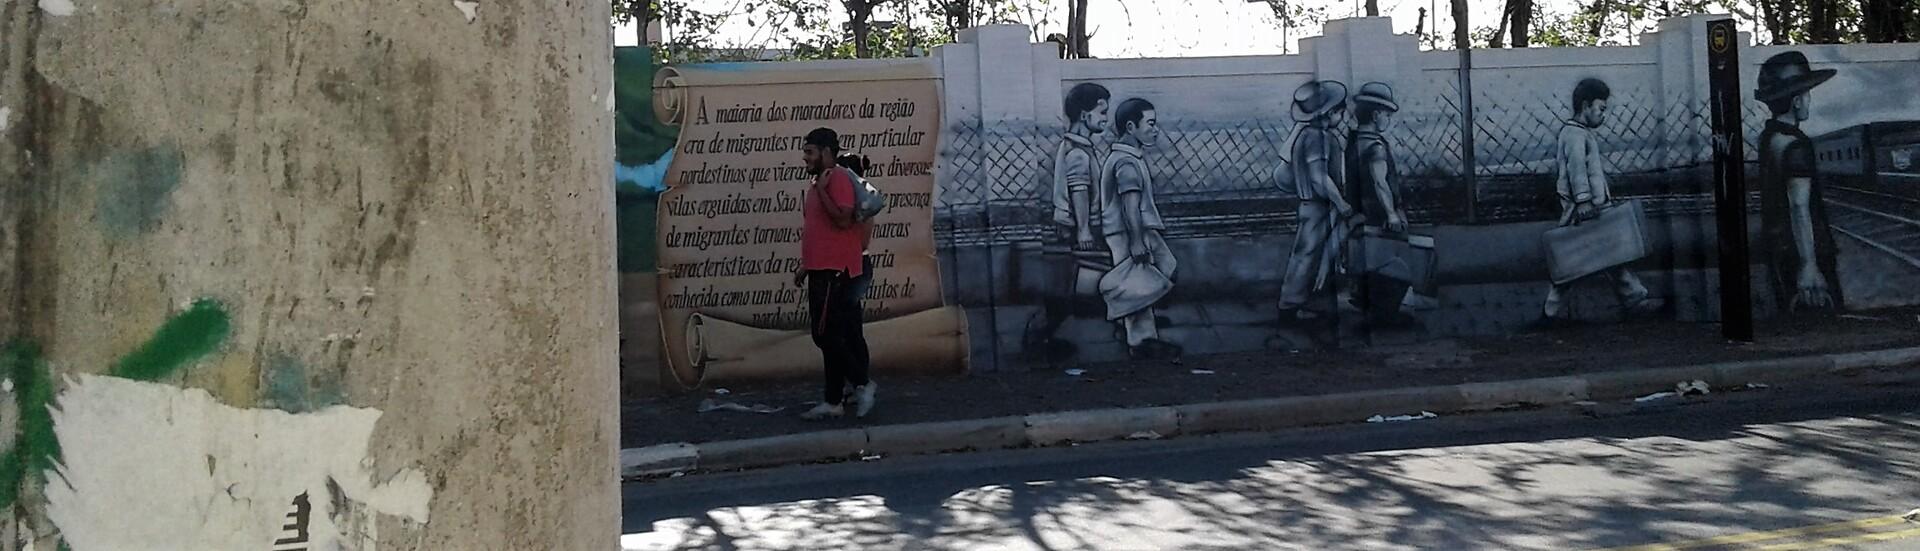 chegada dos migrantes nordestinos a S. Miguel Paulista/SP